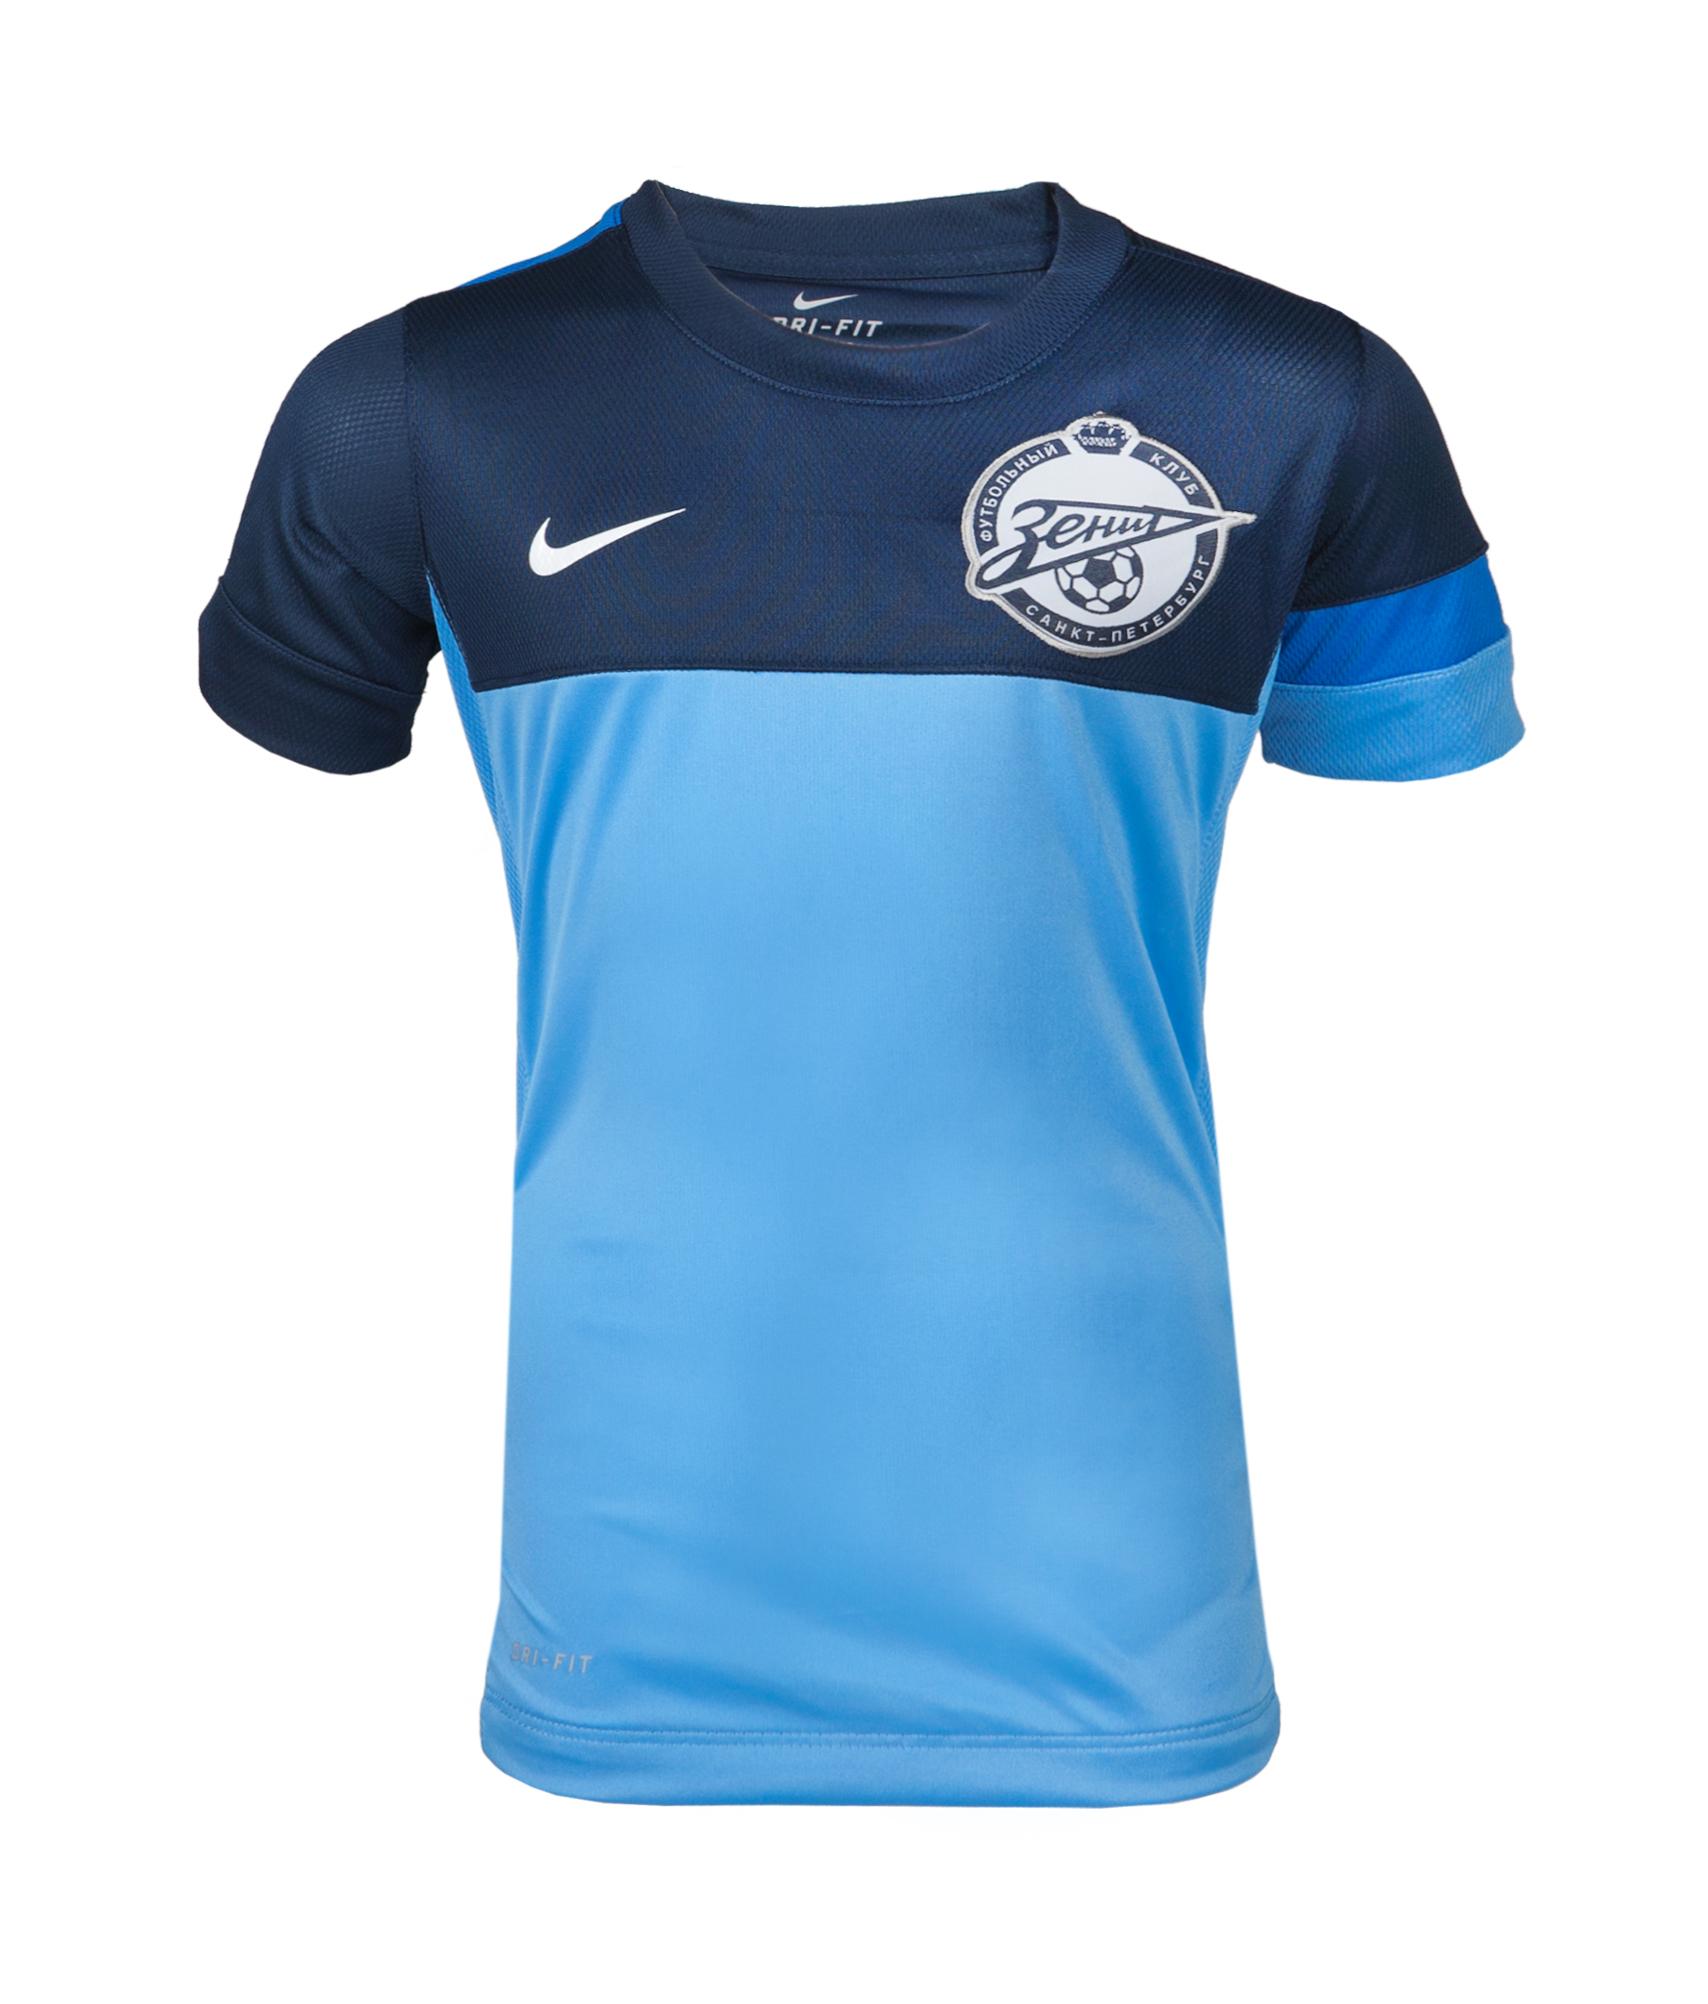 Футболка тренировочная детская, Цвет-Сине-Голубой, Размер-XS